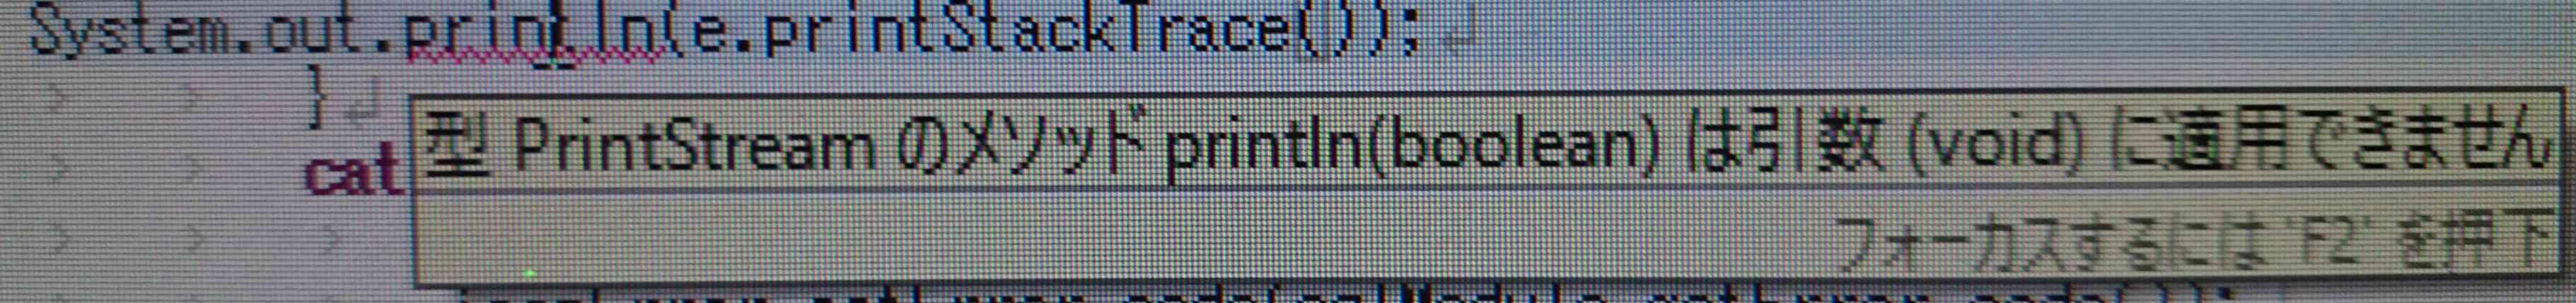 e.printStackTrace()を記述したときのeclipsの吹き出し